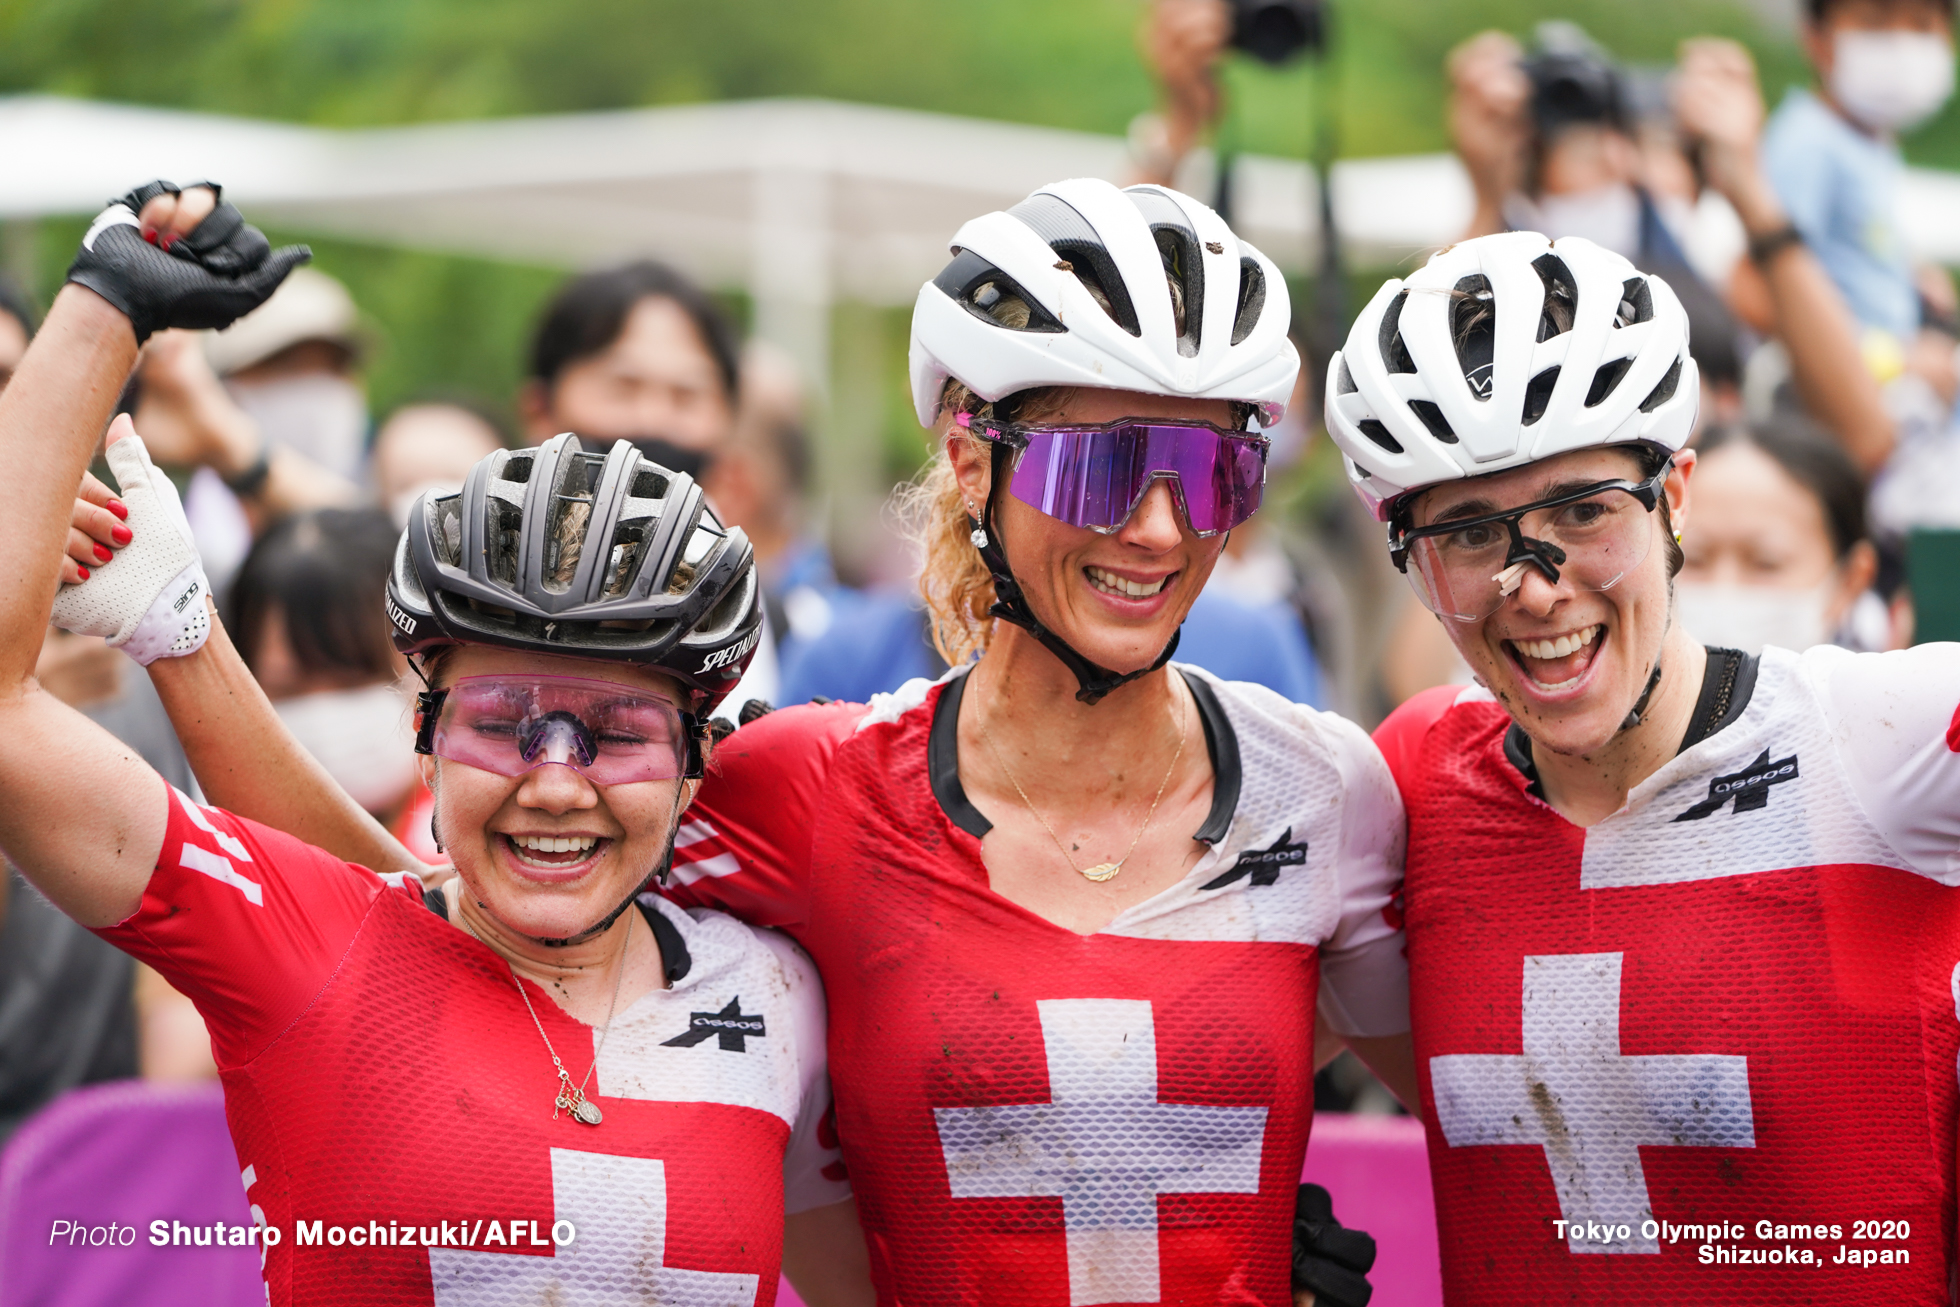 ヨランダ・ネフ Jolanda Neff (SUI), シーナ・フライ Sina Frei (SUI), リンダ・インデルガンド Linda Indergand(SUI) ,JULY 27, 2021 - Cycling : Women's Cross-country during the Tokyo 2020 Olympic Games at the Izu MTB Course in Shizuoka, Japan. (Photo by Shutaro Mochizuki/AFLO)